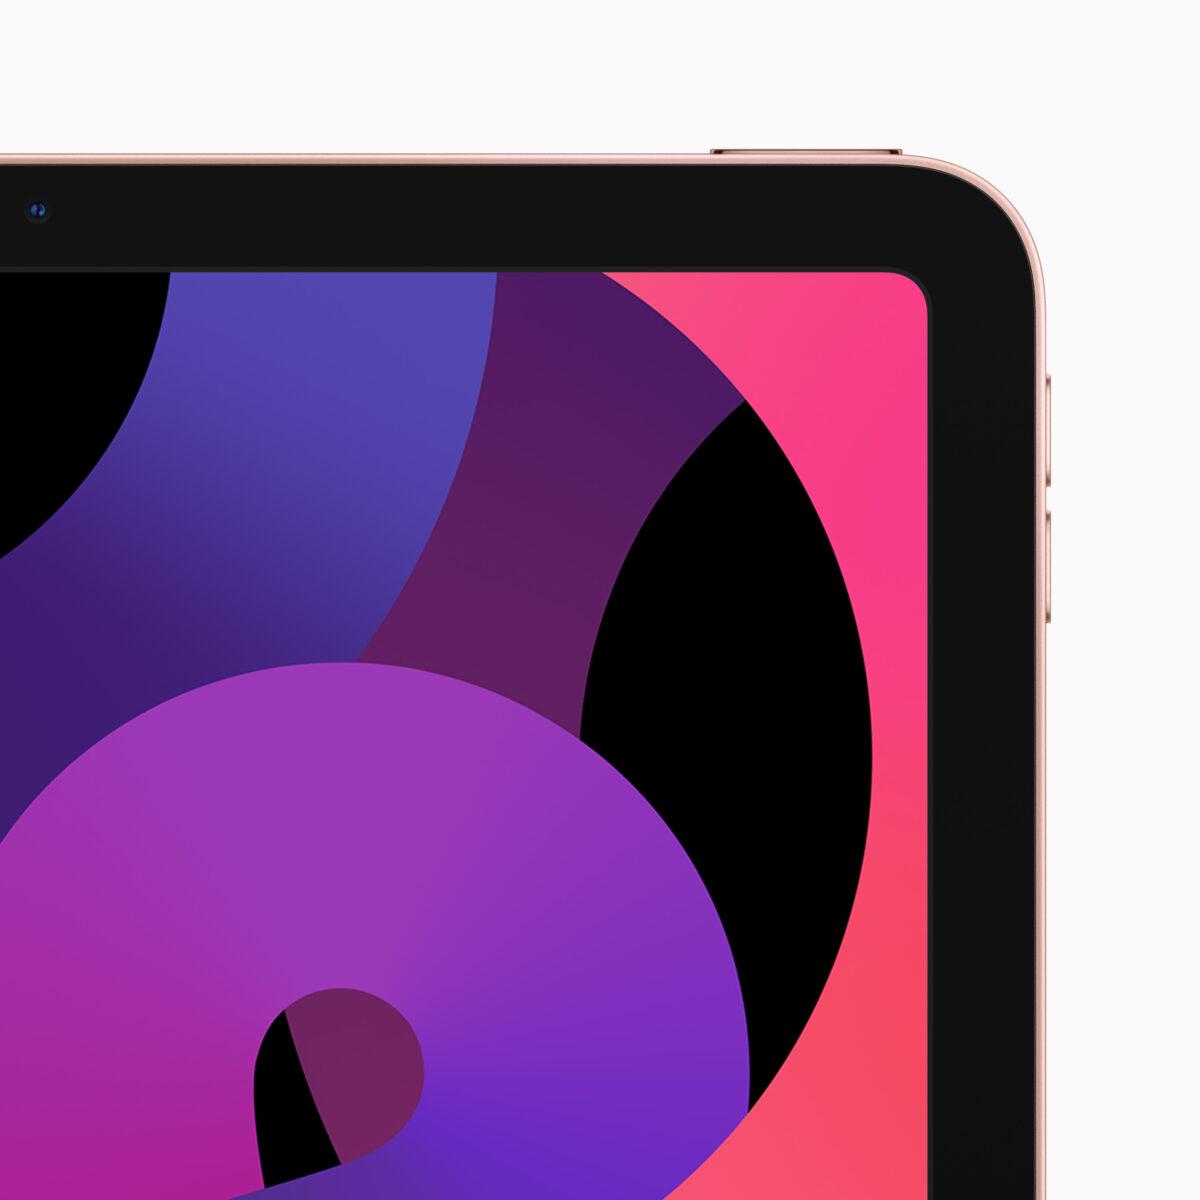 Il Touch ID nel tasto superiore del nuovo iPad Air una evoluzione della precedente tecnologia